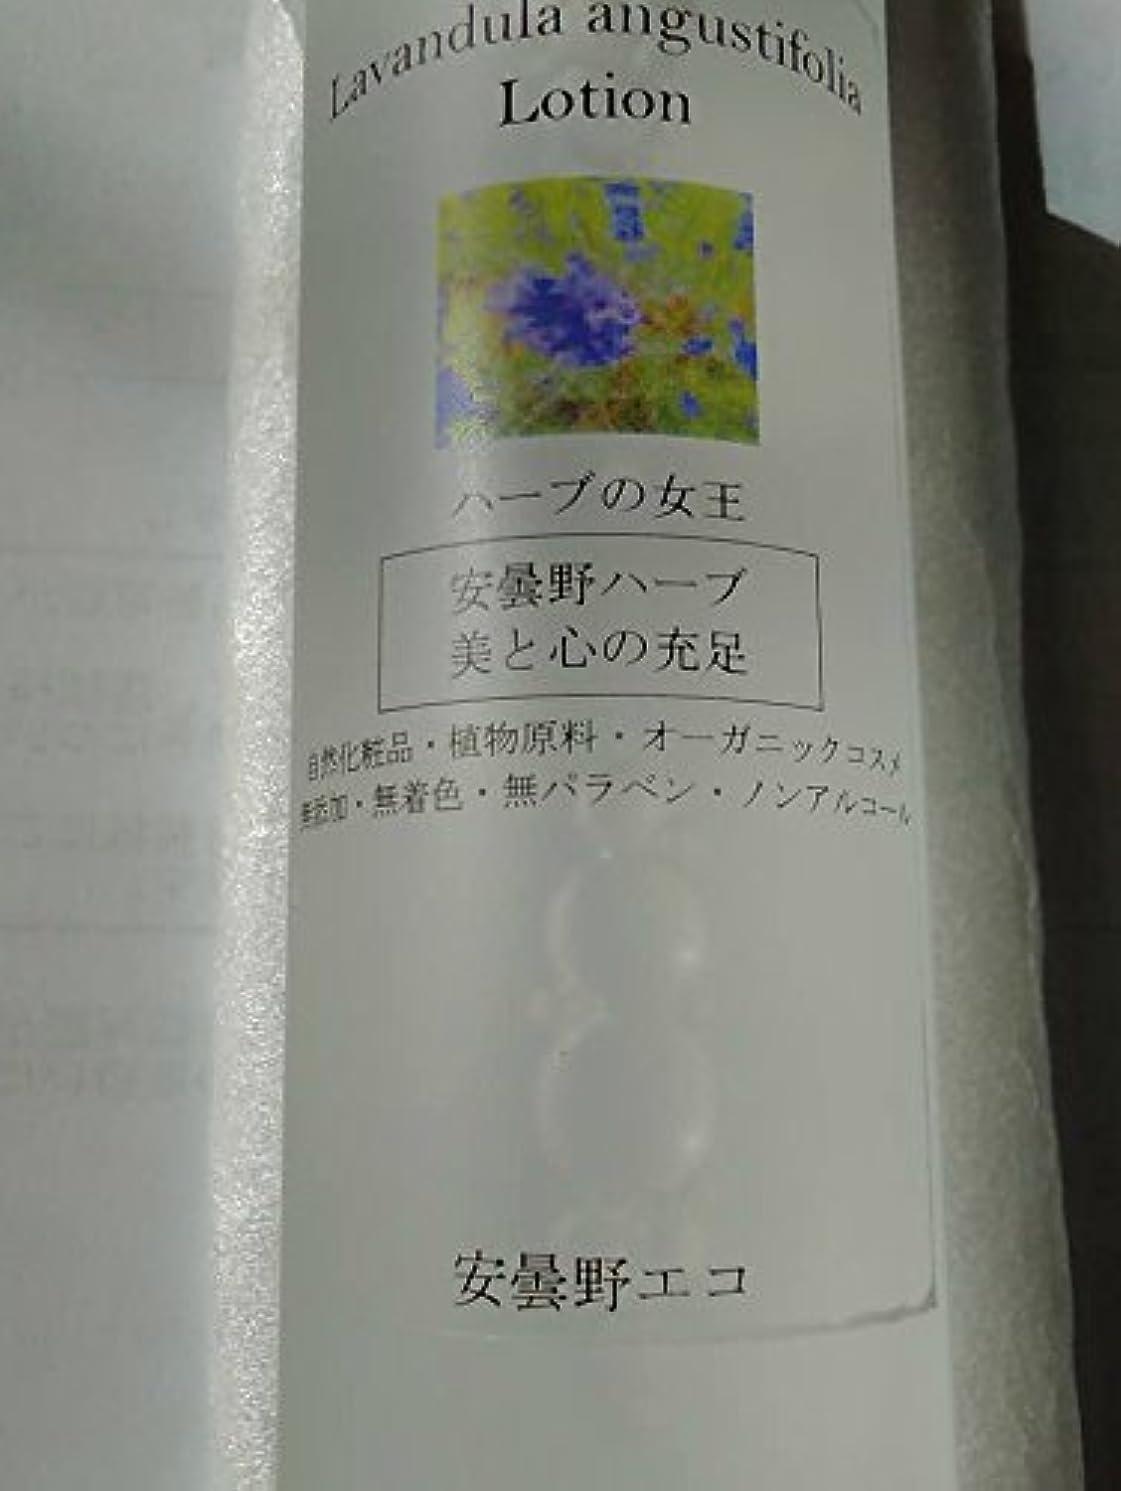 二十十分ですタップラベンダー 化粧水[Lavandula angustifolia Lotionコモンラベンダー 100ml] 安曇野エコ オリジナル【国産 安曇野産 無農薬100%】